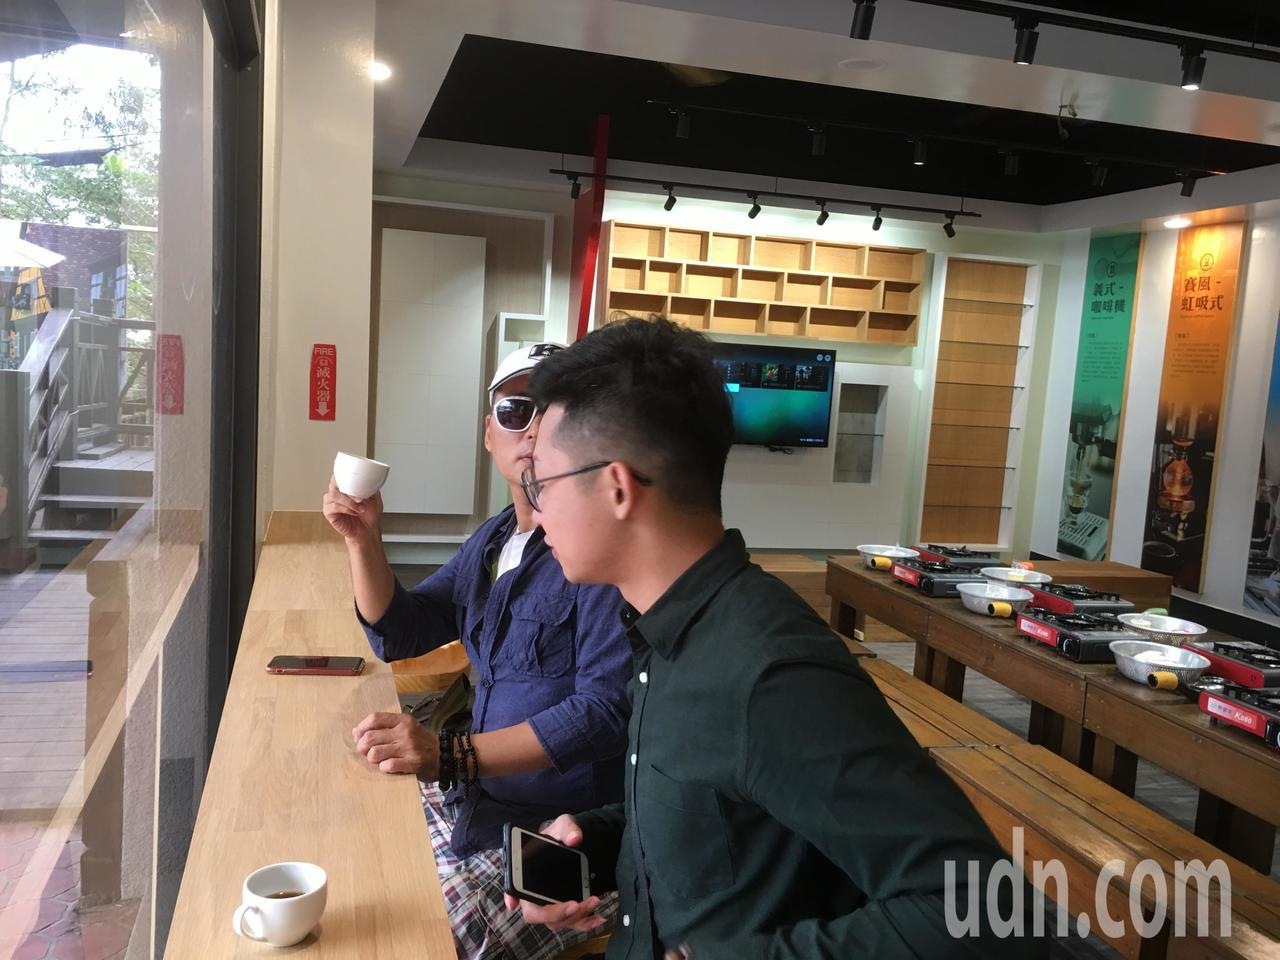 雲林縣古坑鄉是咖啡原鄉,為讓更多來到古坑的遊客可以認識咖啡歷史,並體驗烘豆過程,...